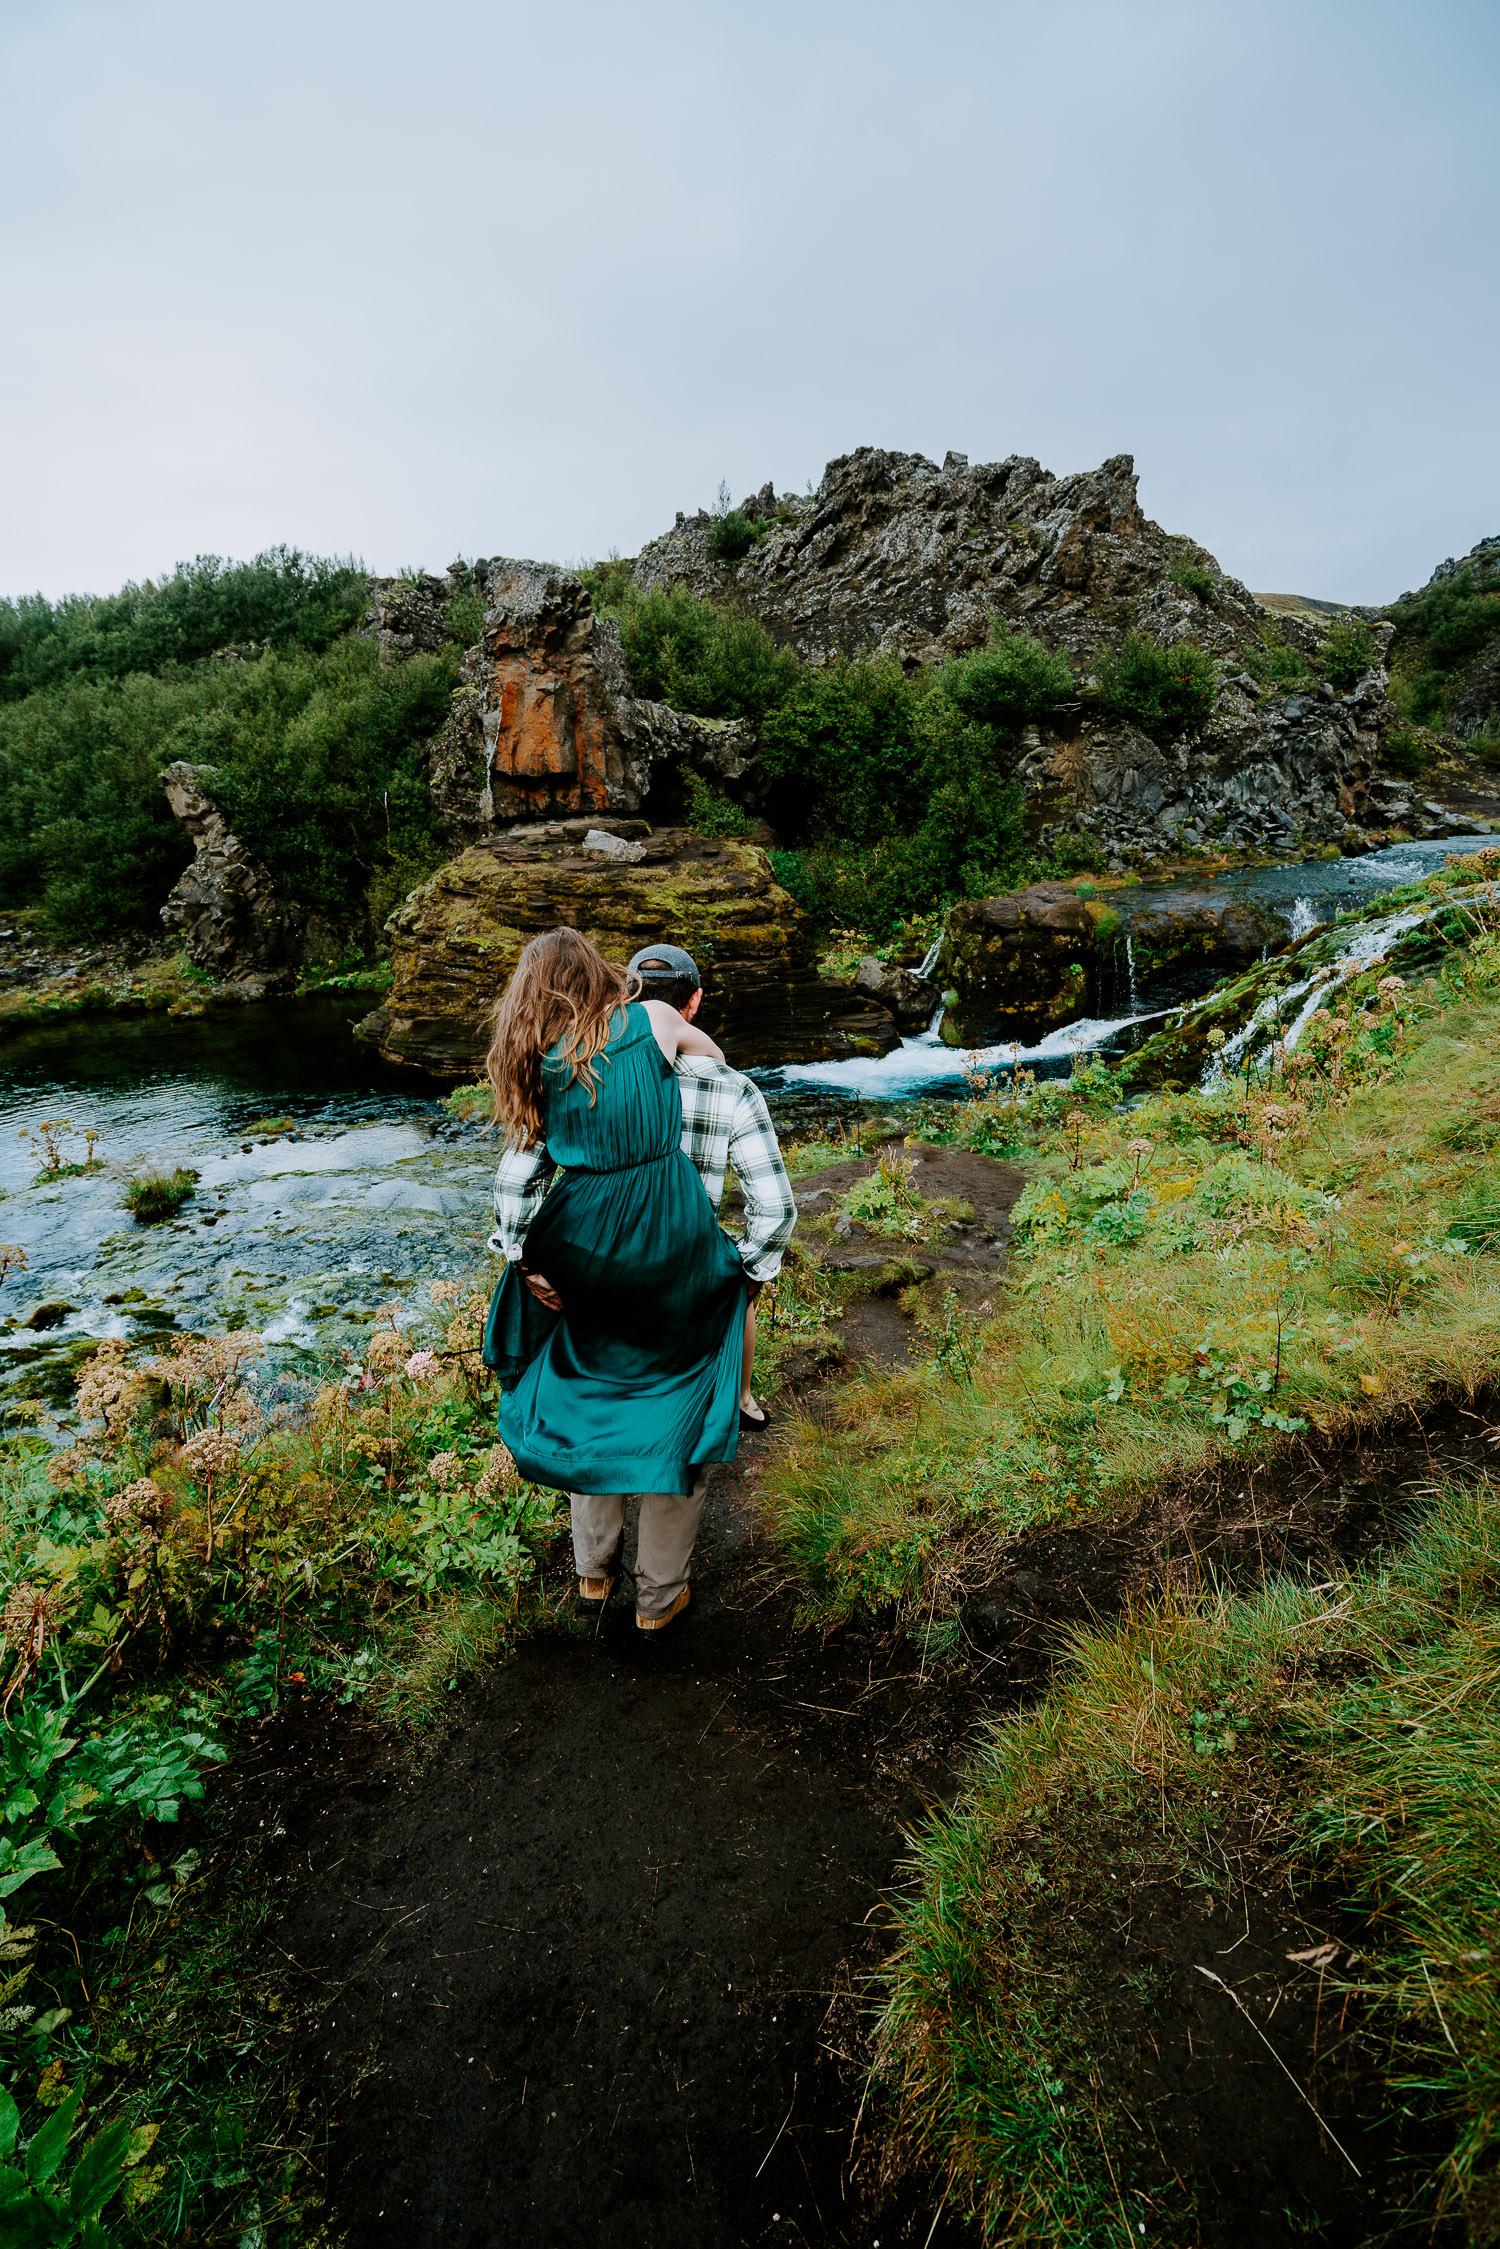 Iceland Adventure Photoshoot, Iceland Engagement Photography, Iceland Elopement Photography, Iceland Wedding, Iceland Elopement Photographer, waterfalls, highlands